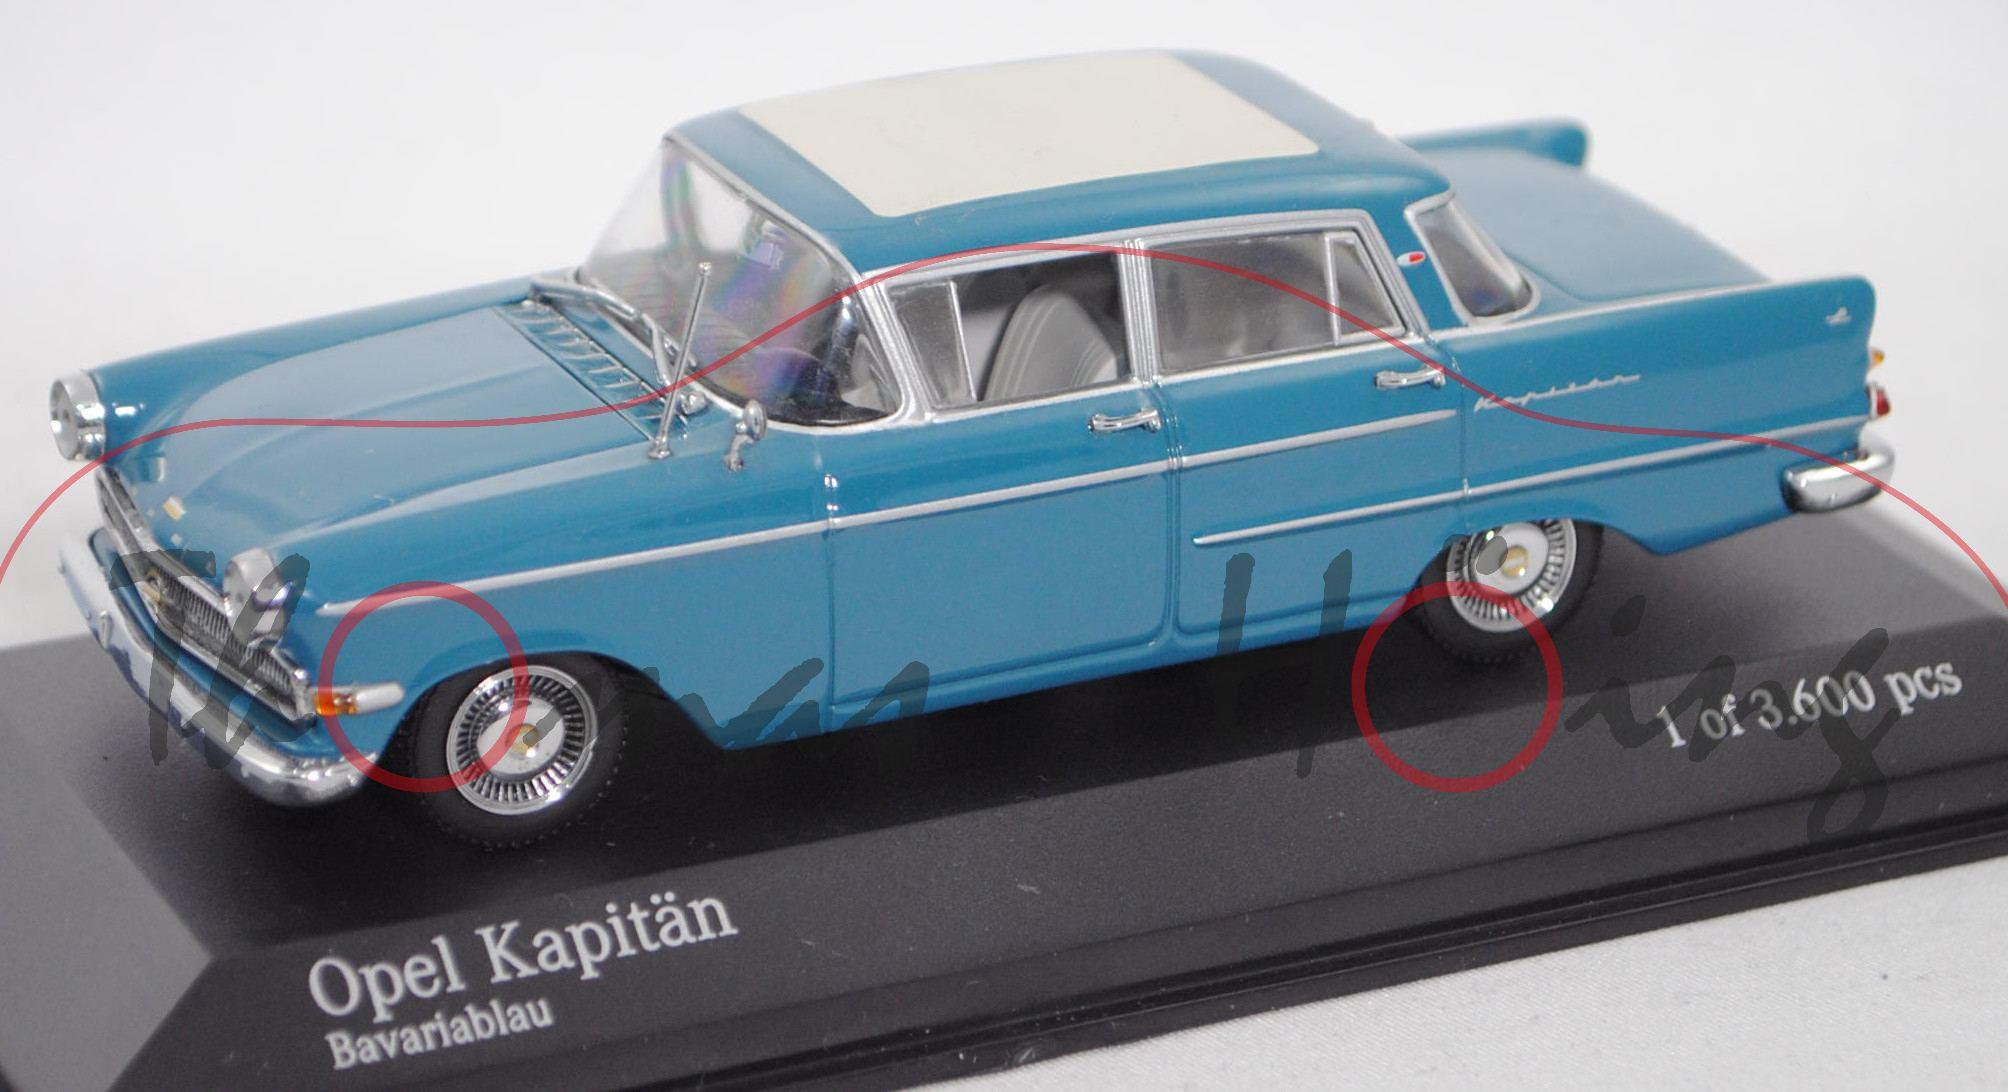 Opel Kapitan P 2 6 L Typ 4 Turige Limousine Mod 1959 1963 Bavariablau Minichamps 1 43 Pc Box Produktarchiv Online Shop Automodelle Hoing